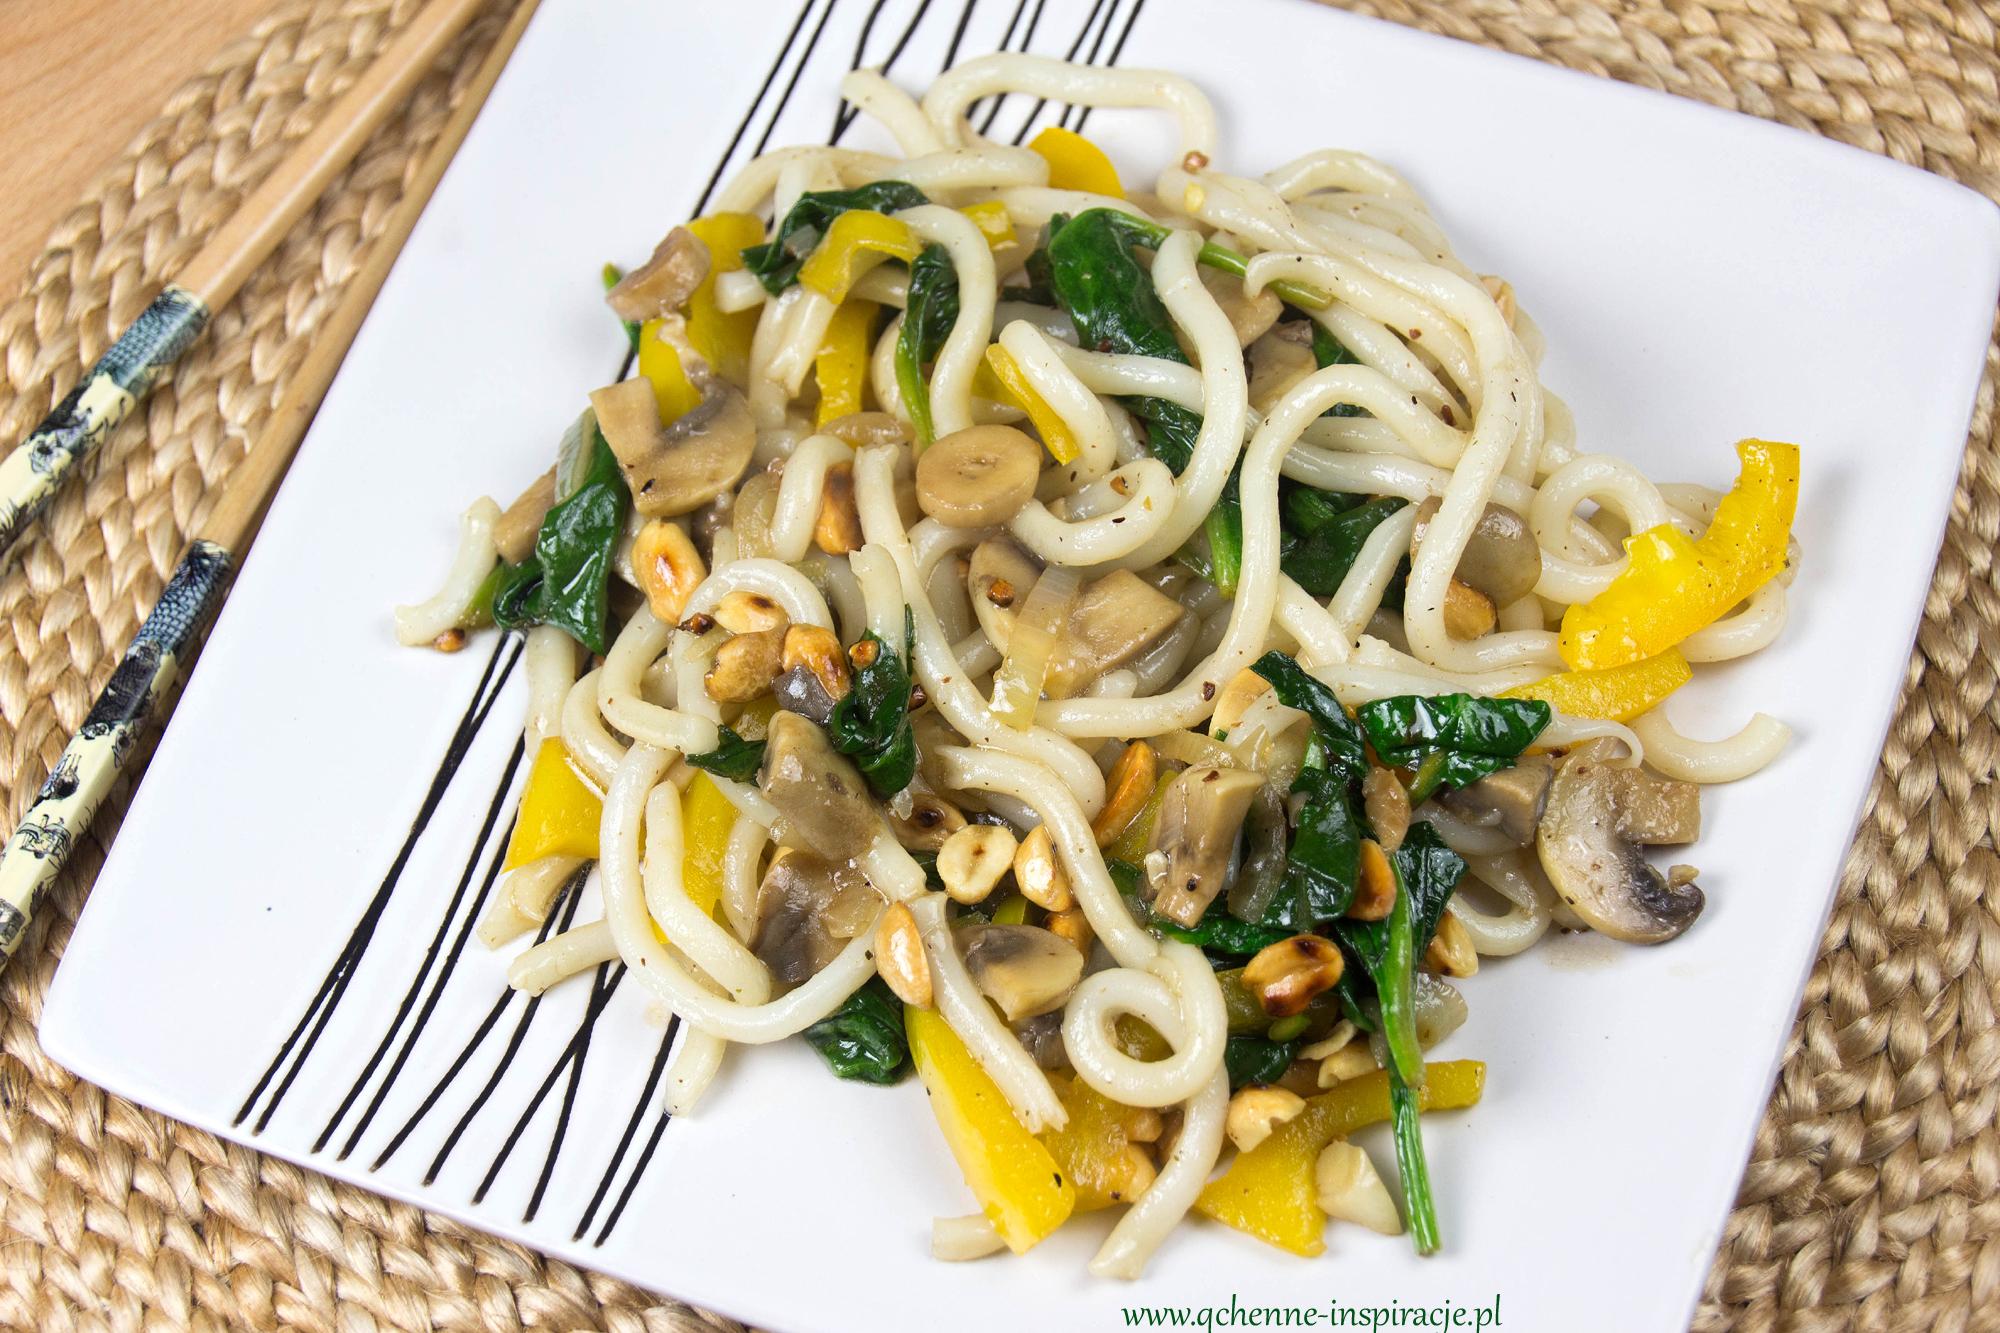 wegetariańskie i wegańskie stir fry kuchnia tajska udon